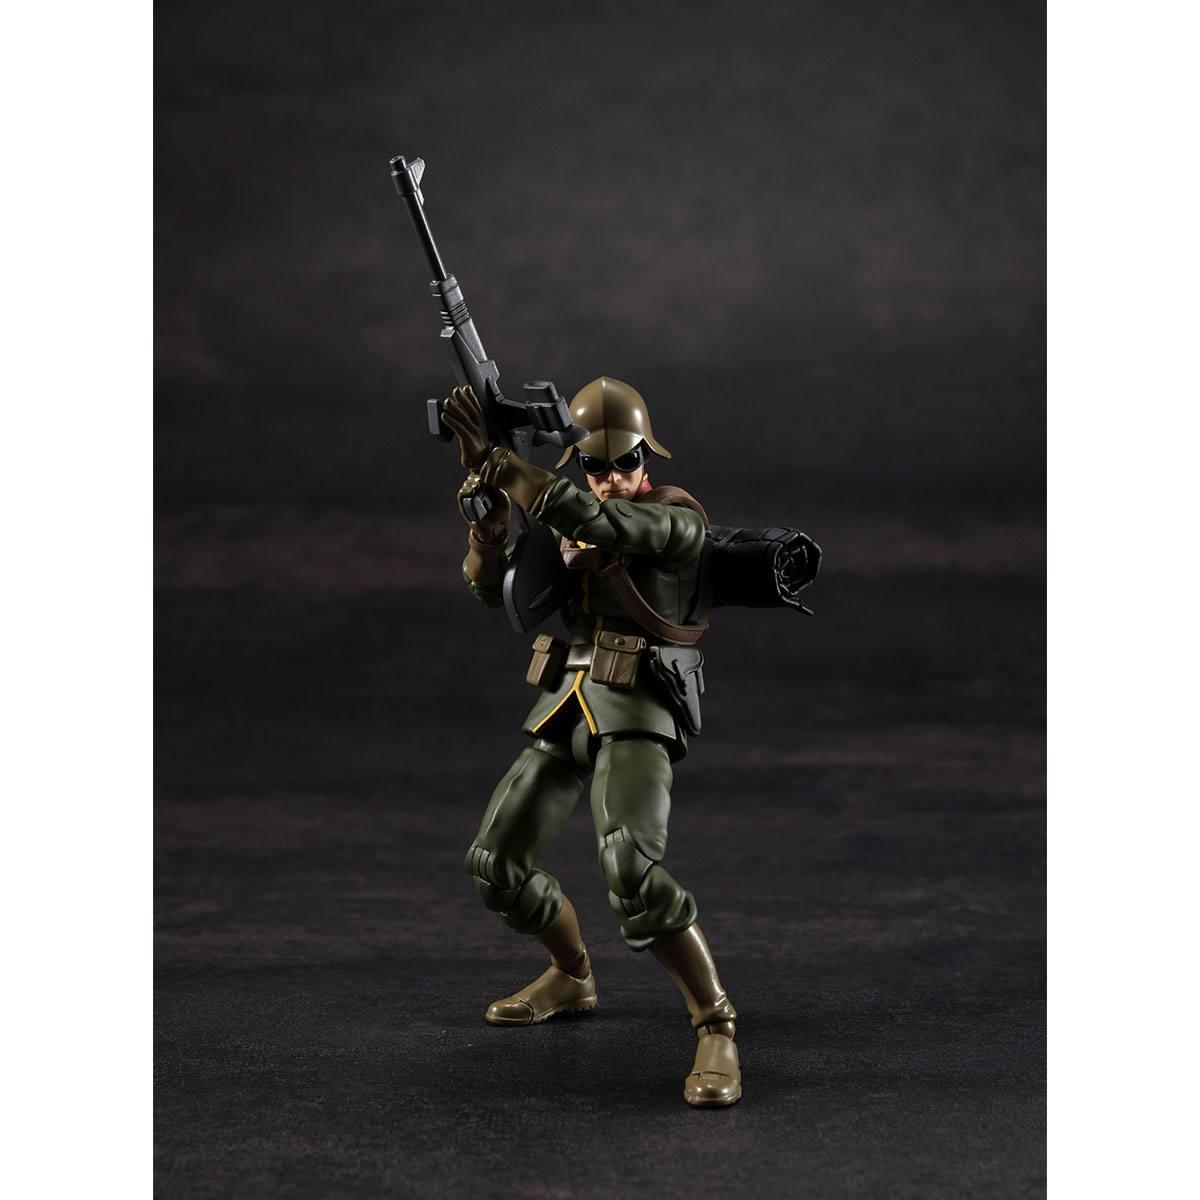 Photo du produit MOBILE SUIT GUNDAM FIGURINE G.M.G. PRINCIPALITY OF ZEON ARMY SOLDIER 01 10 CM